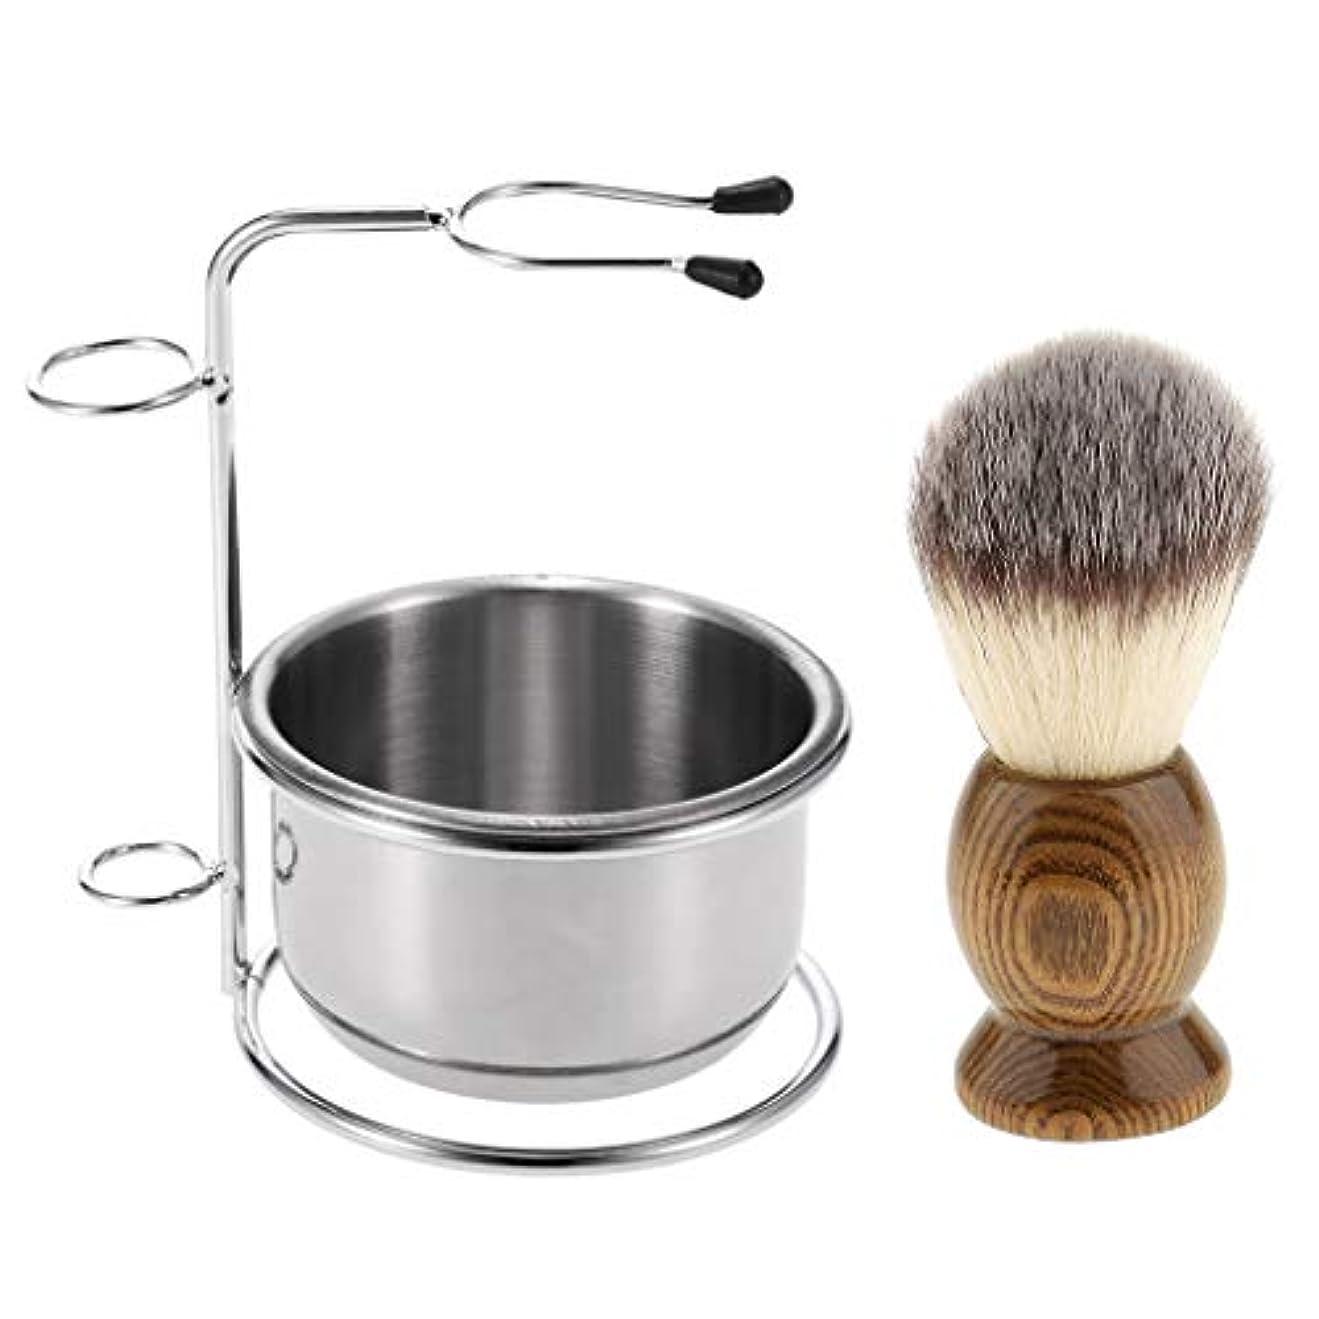 無傷殺人つなぐHellery 金属製ボウル シェービングブラシ ブラシホルダー サロン 髭剃り シェービングキット 美容室ツール